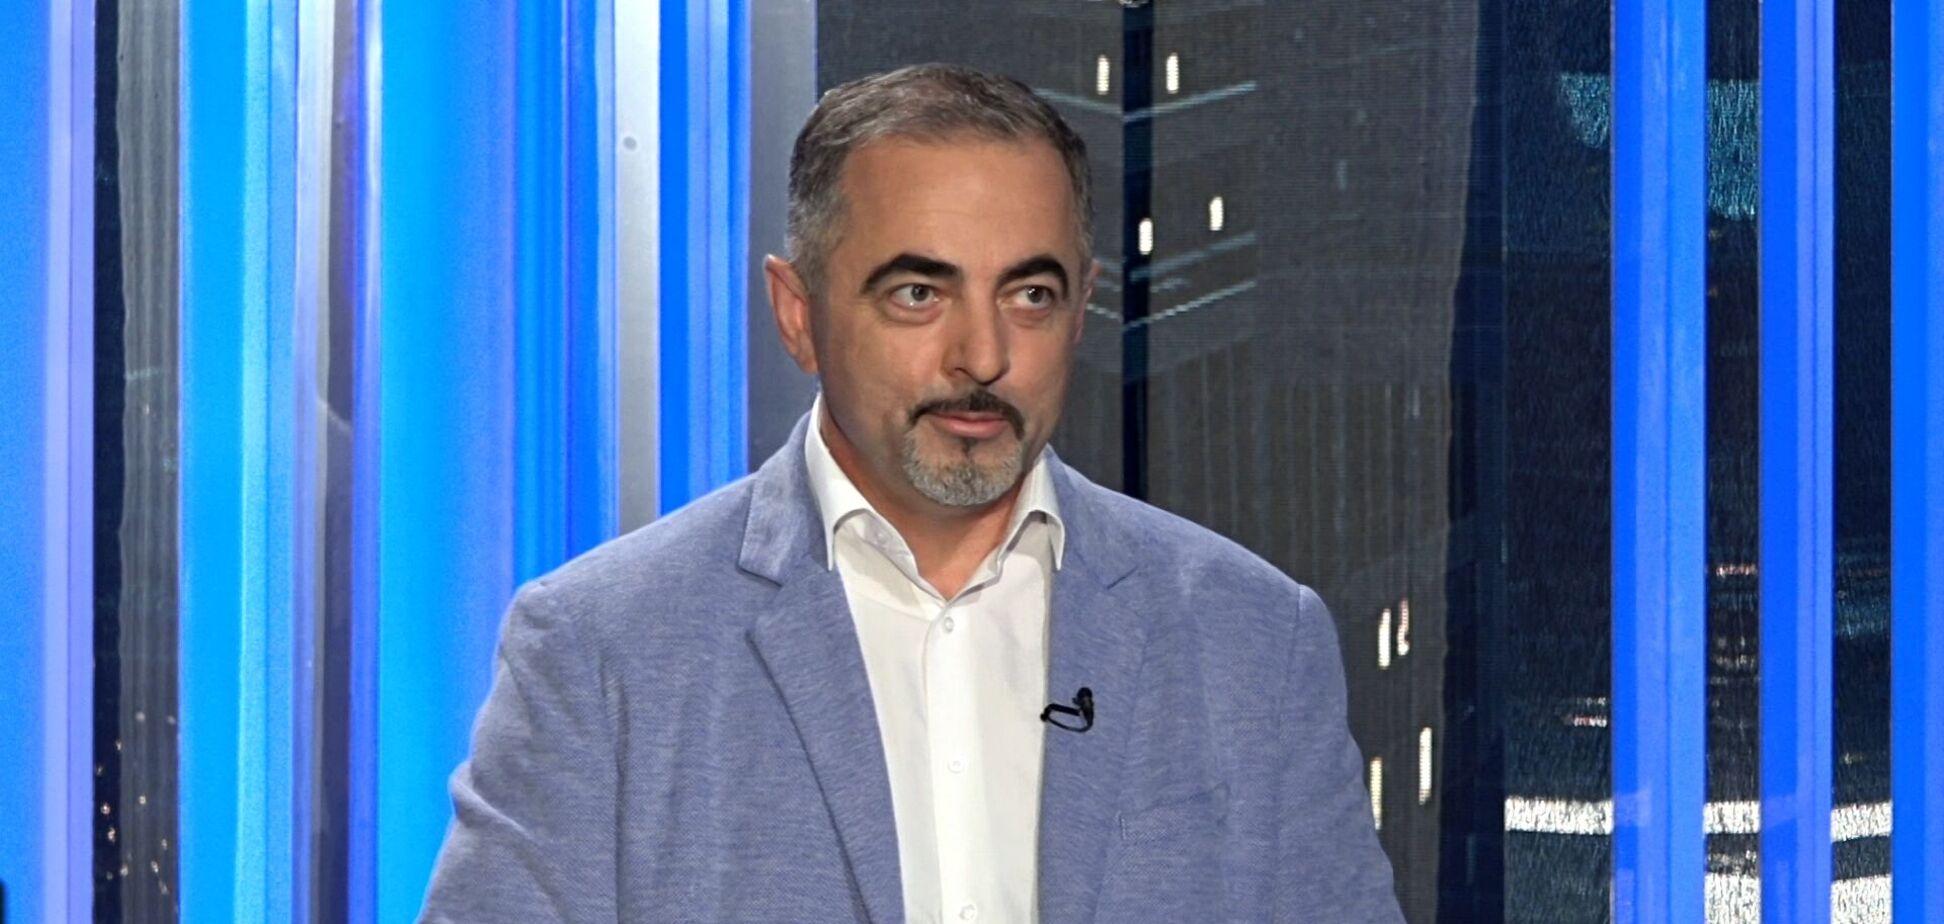 Мэр Каховки описал оптимальную модель децентрализации и возмутился наглостью власти